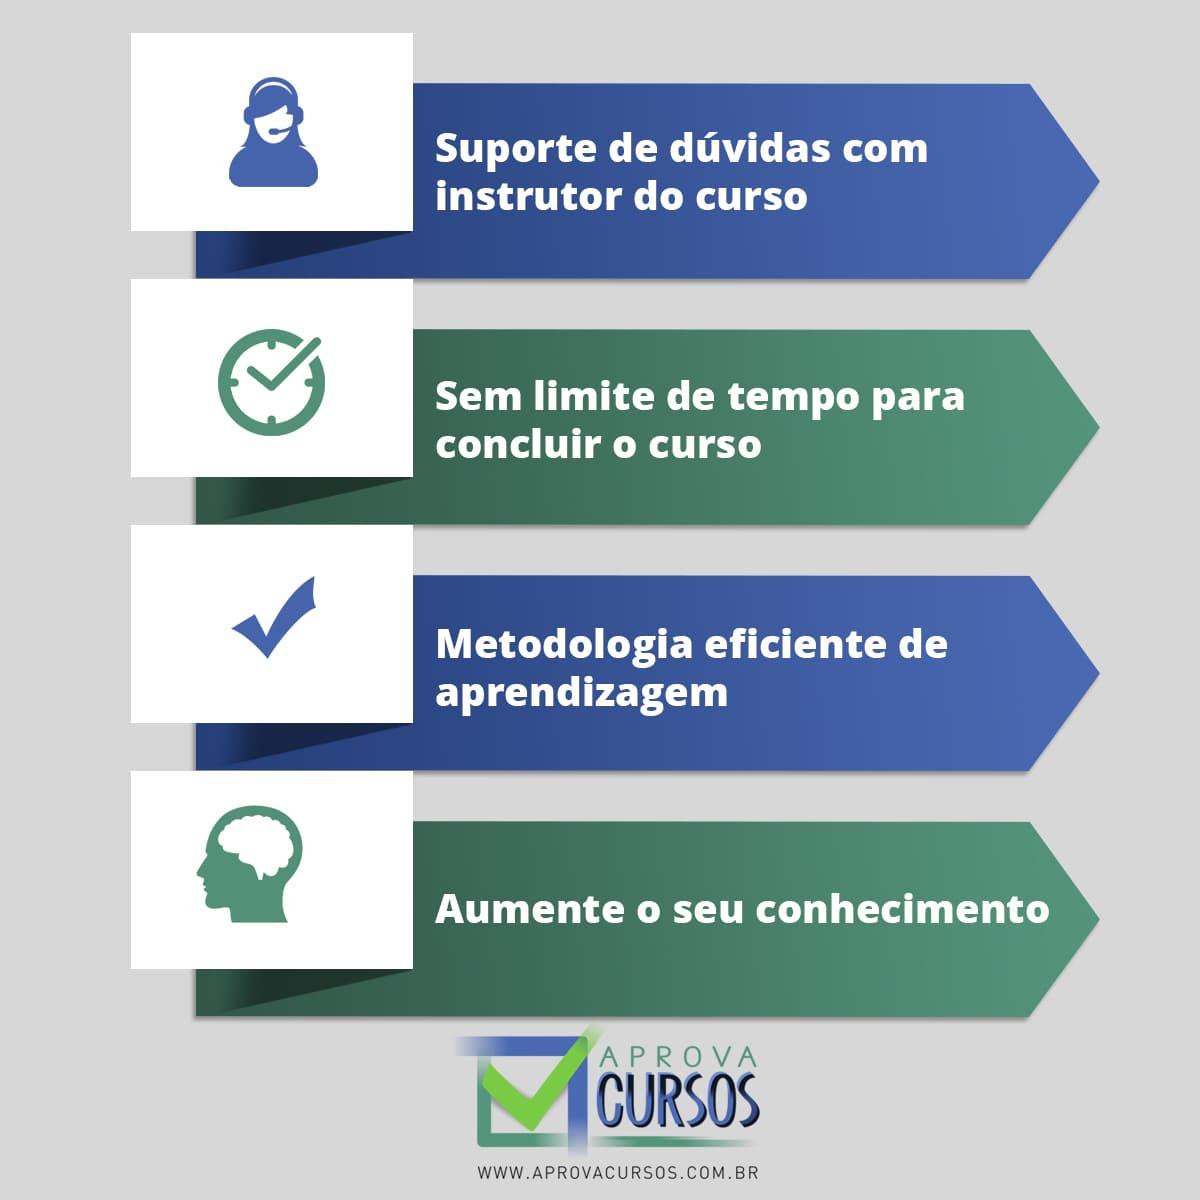 Curso Online de Farmácia Hospitalar com Certificado  - Aprova Cursos